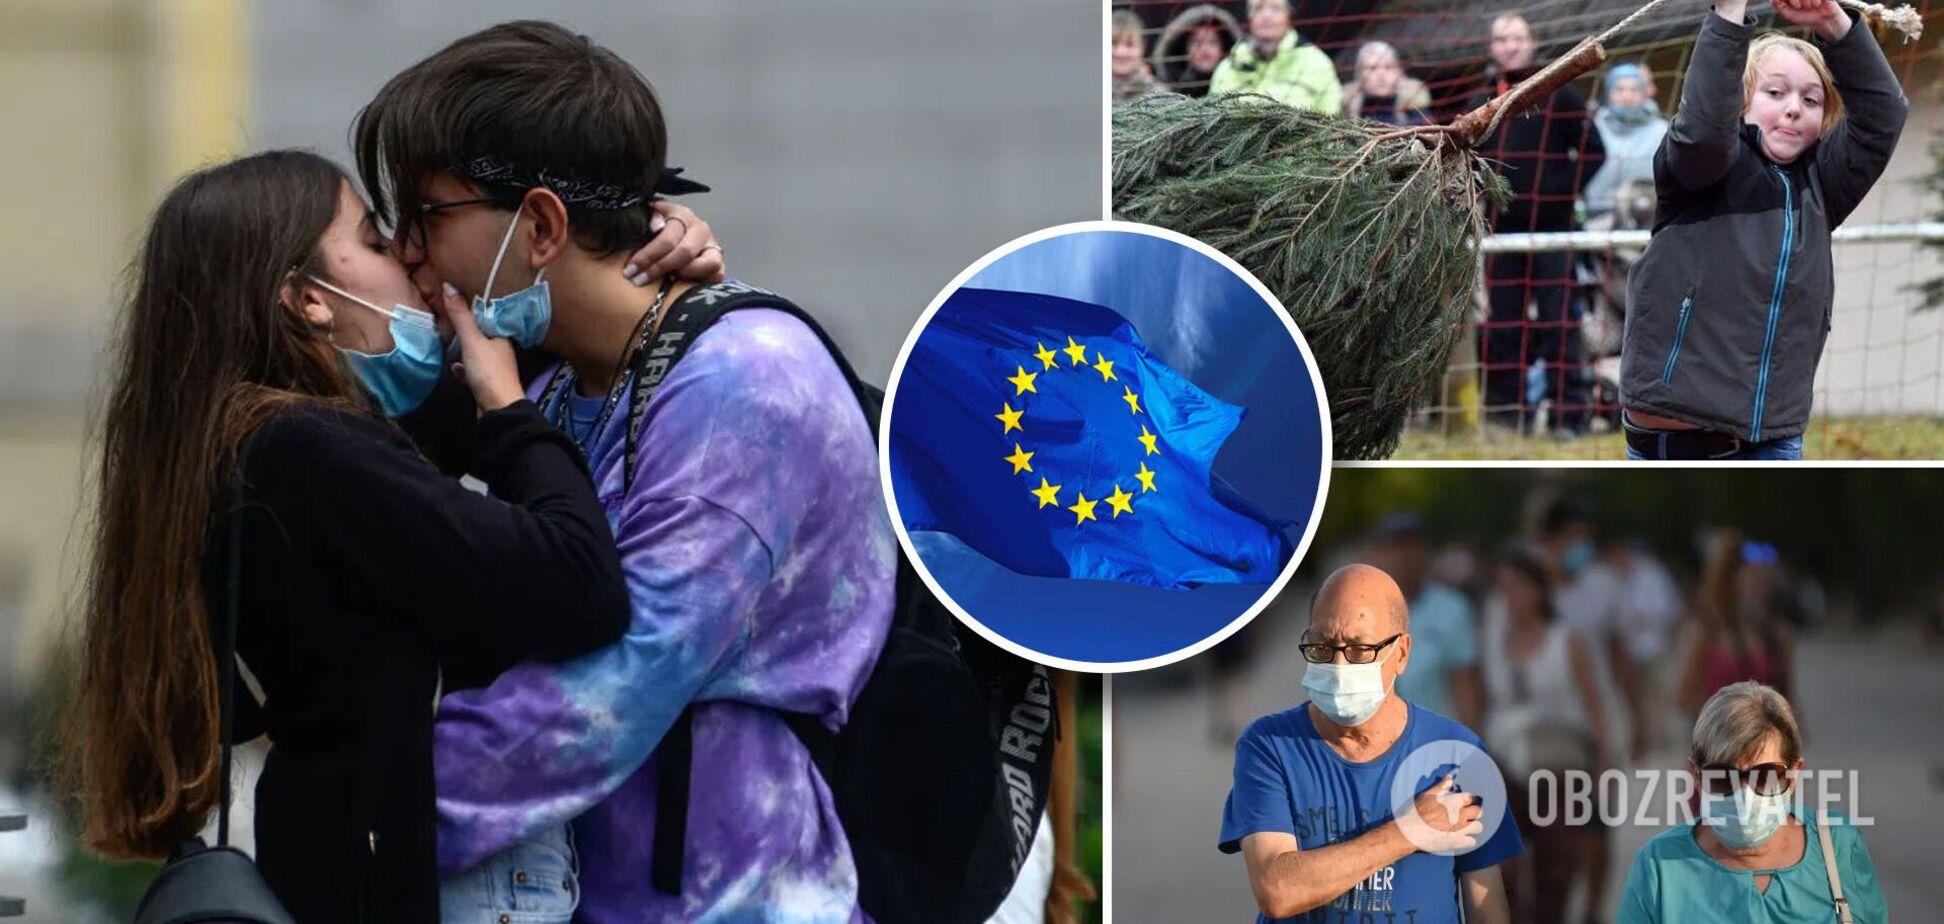 У Німеччині скасували метання ялинок, а у Швеції випустили літніх людей: як COVID-19 змінив Європу